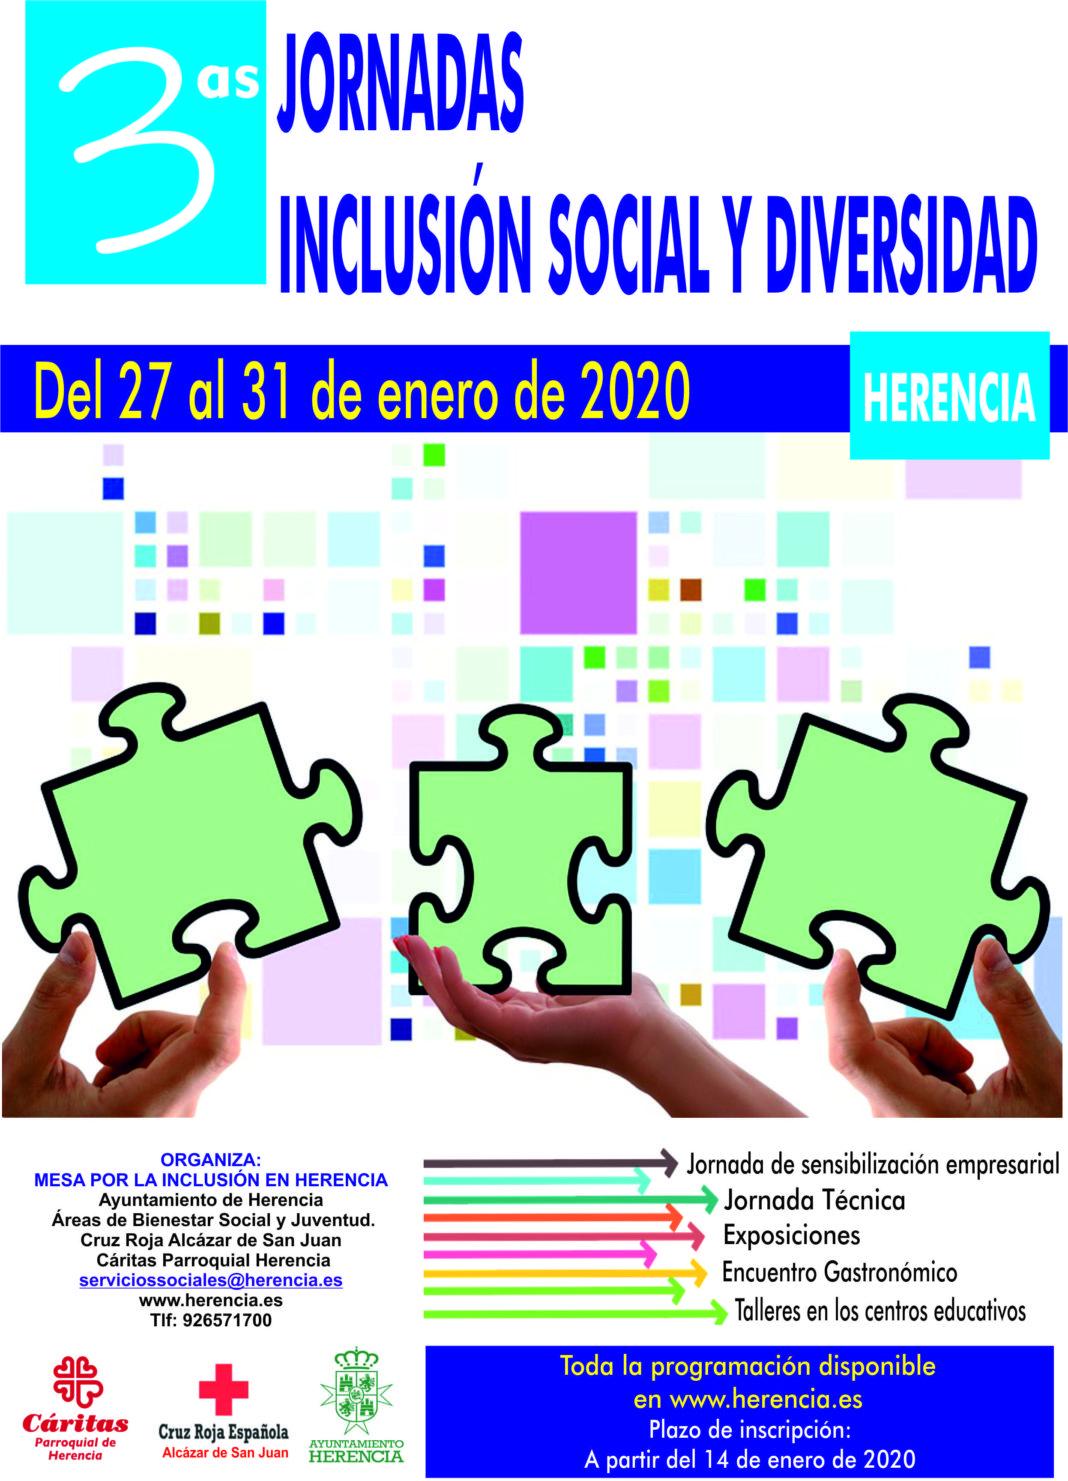 Herencia presenta las III Jornadas de Inclusión Social y Diversidad 10